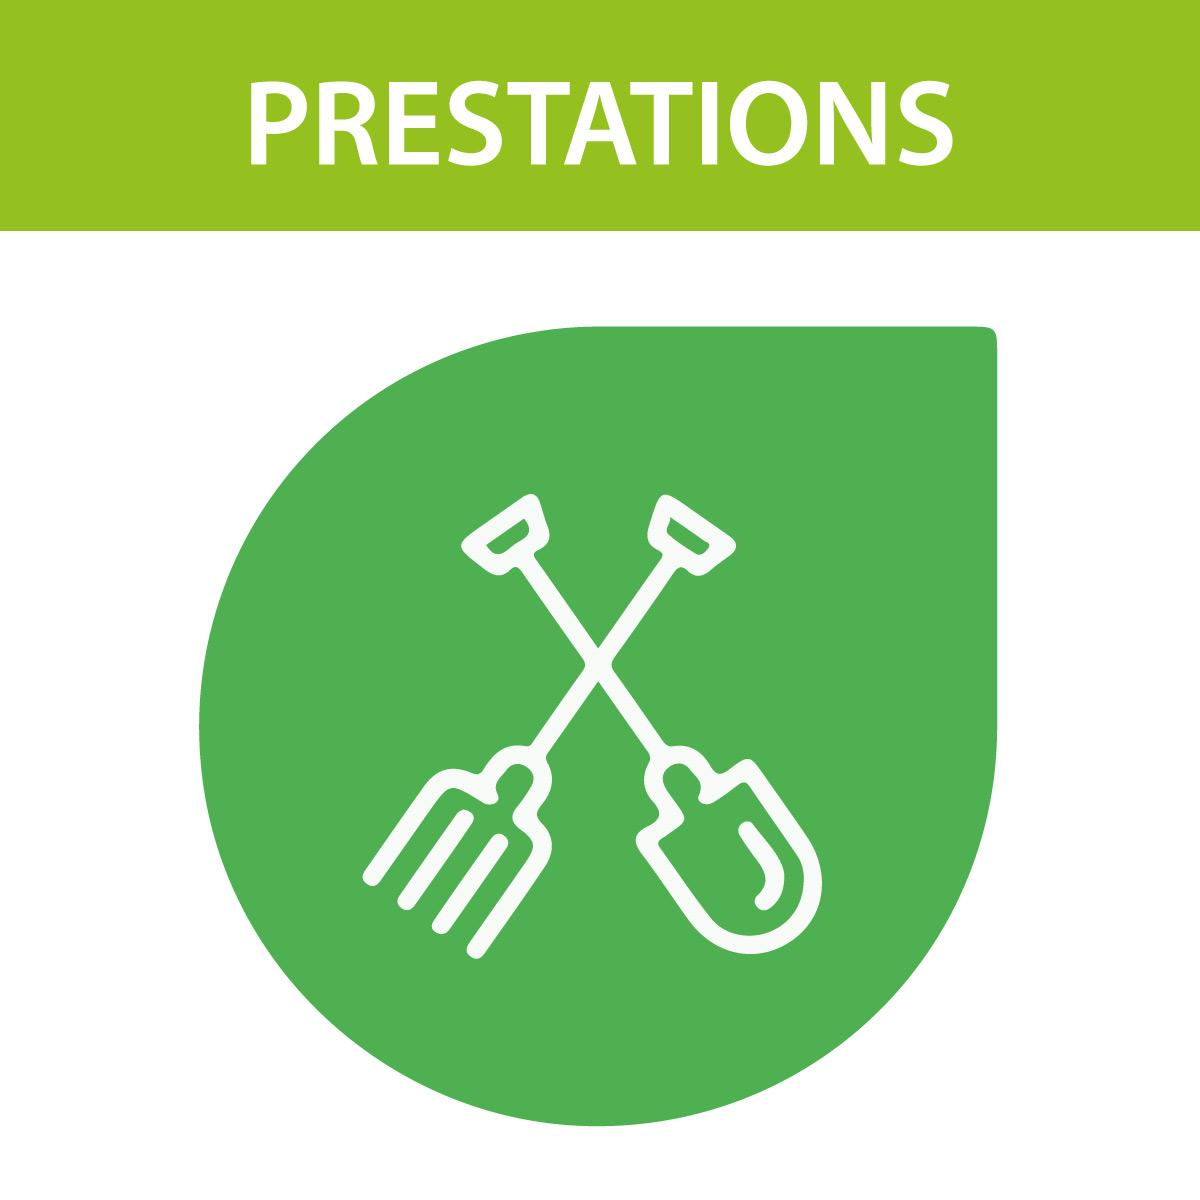 PRESTATIONS-vignette-pdf-page-activites-flore-gourmande